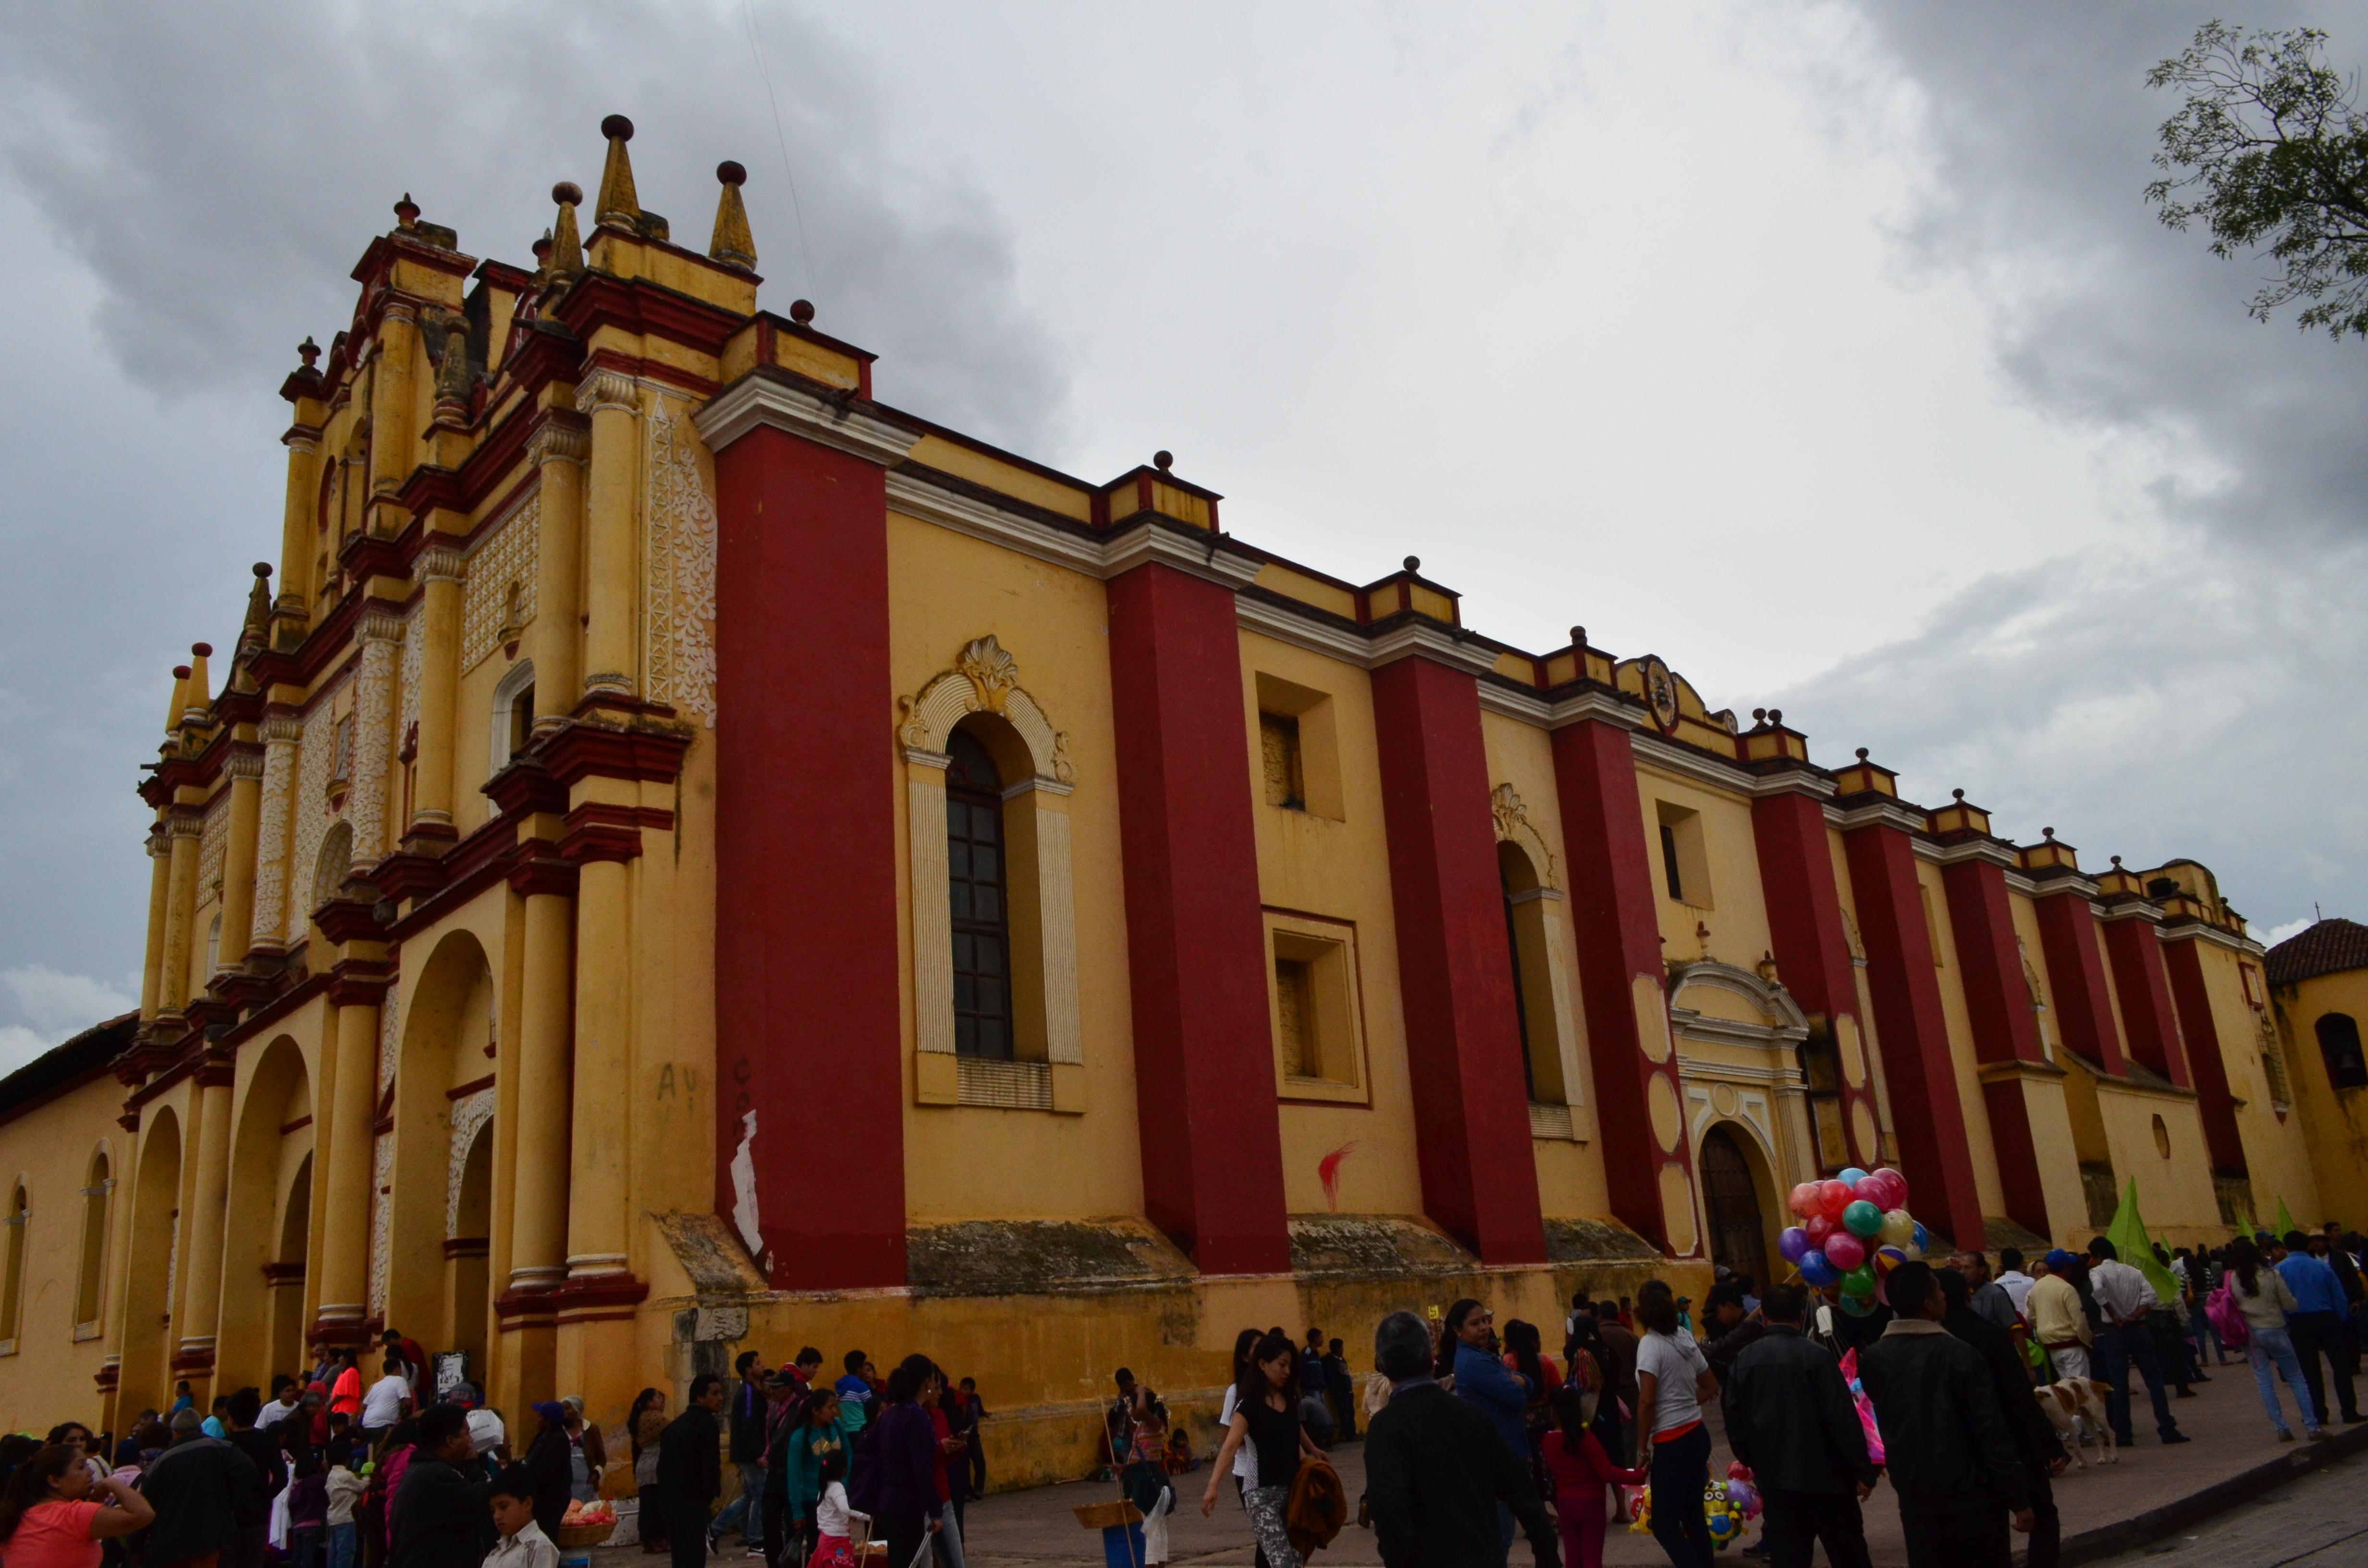 Archivo:Catedral de San Cristóbal.jpg